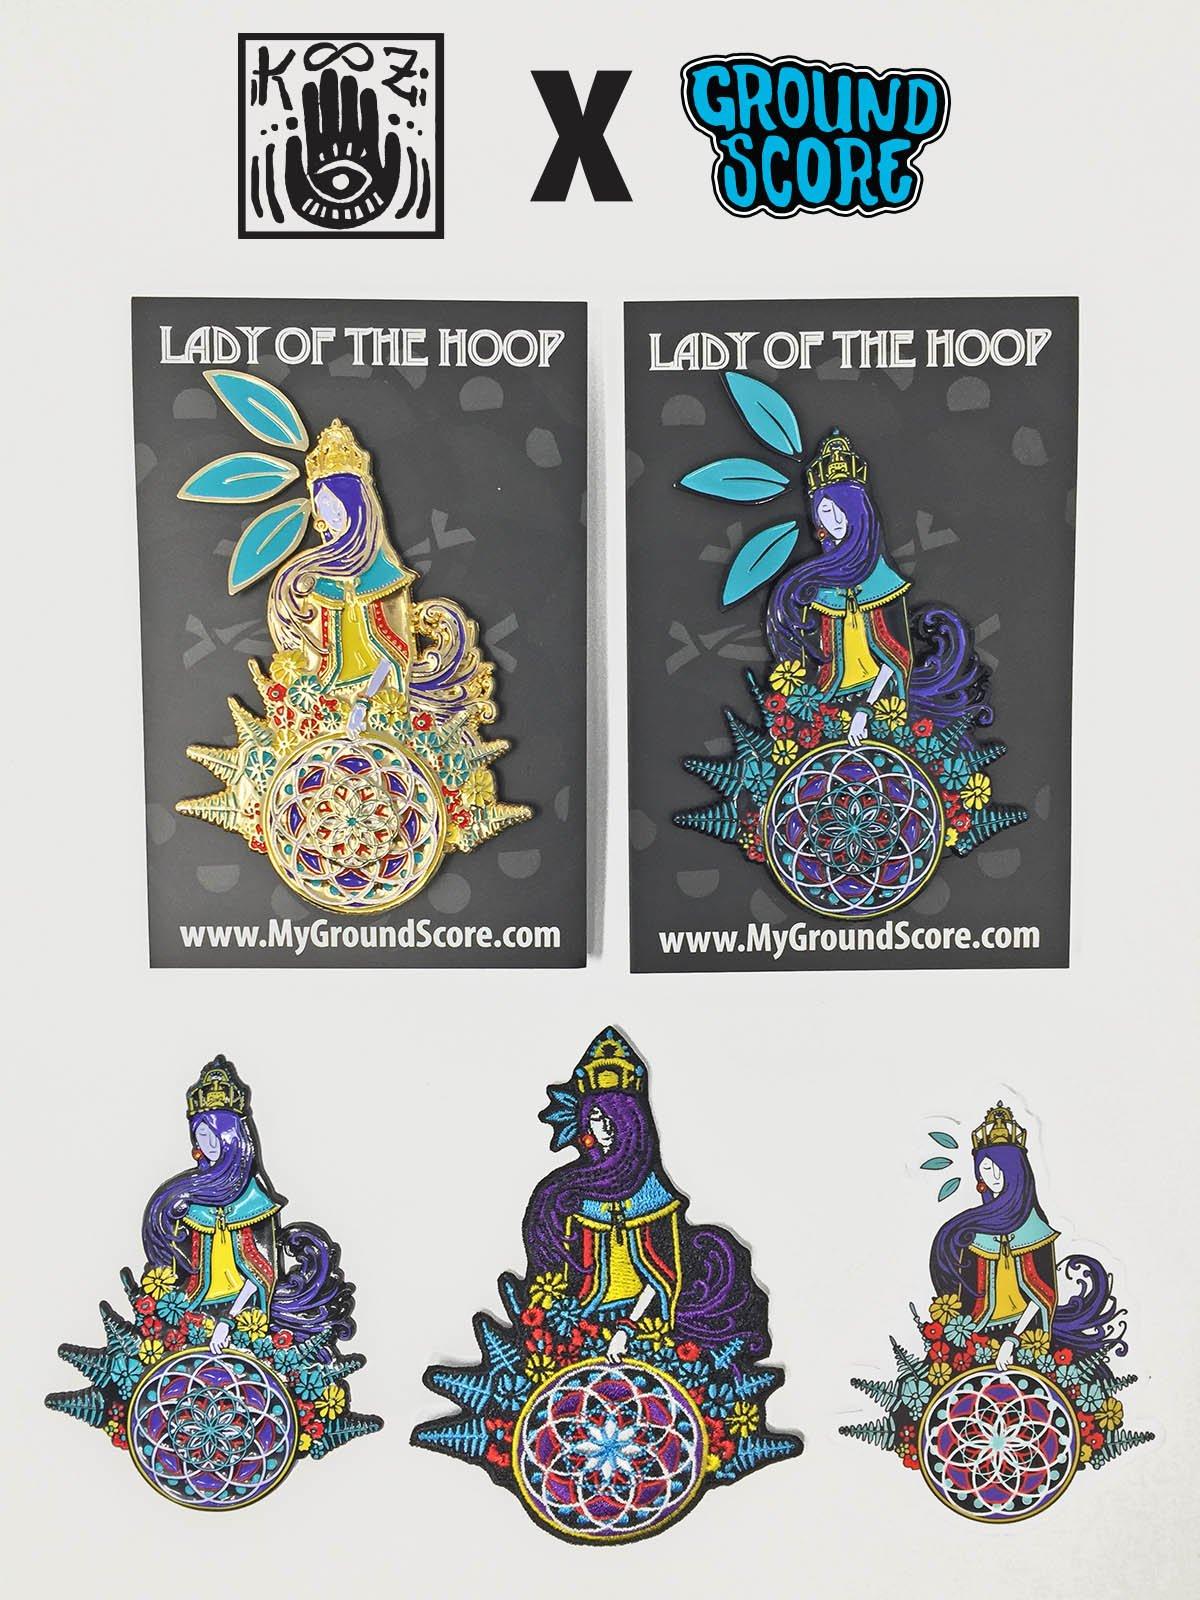 KOOZ - Lady of the Hoop Mini Set